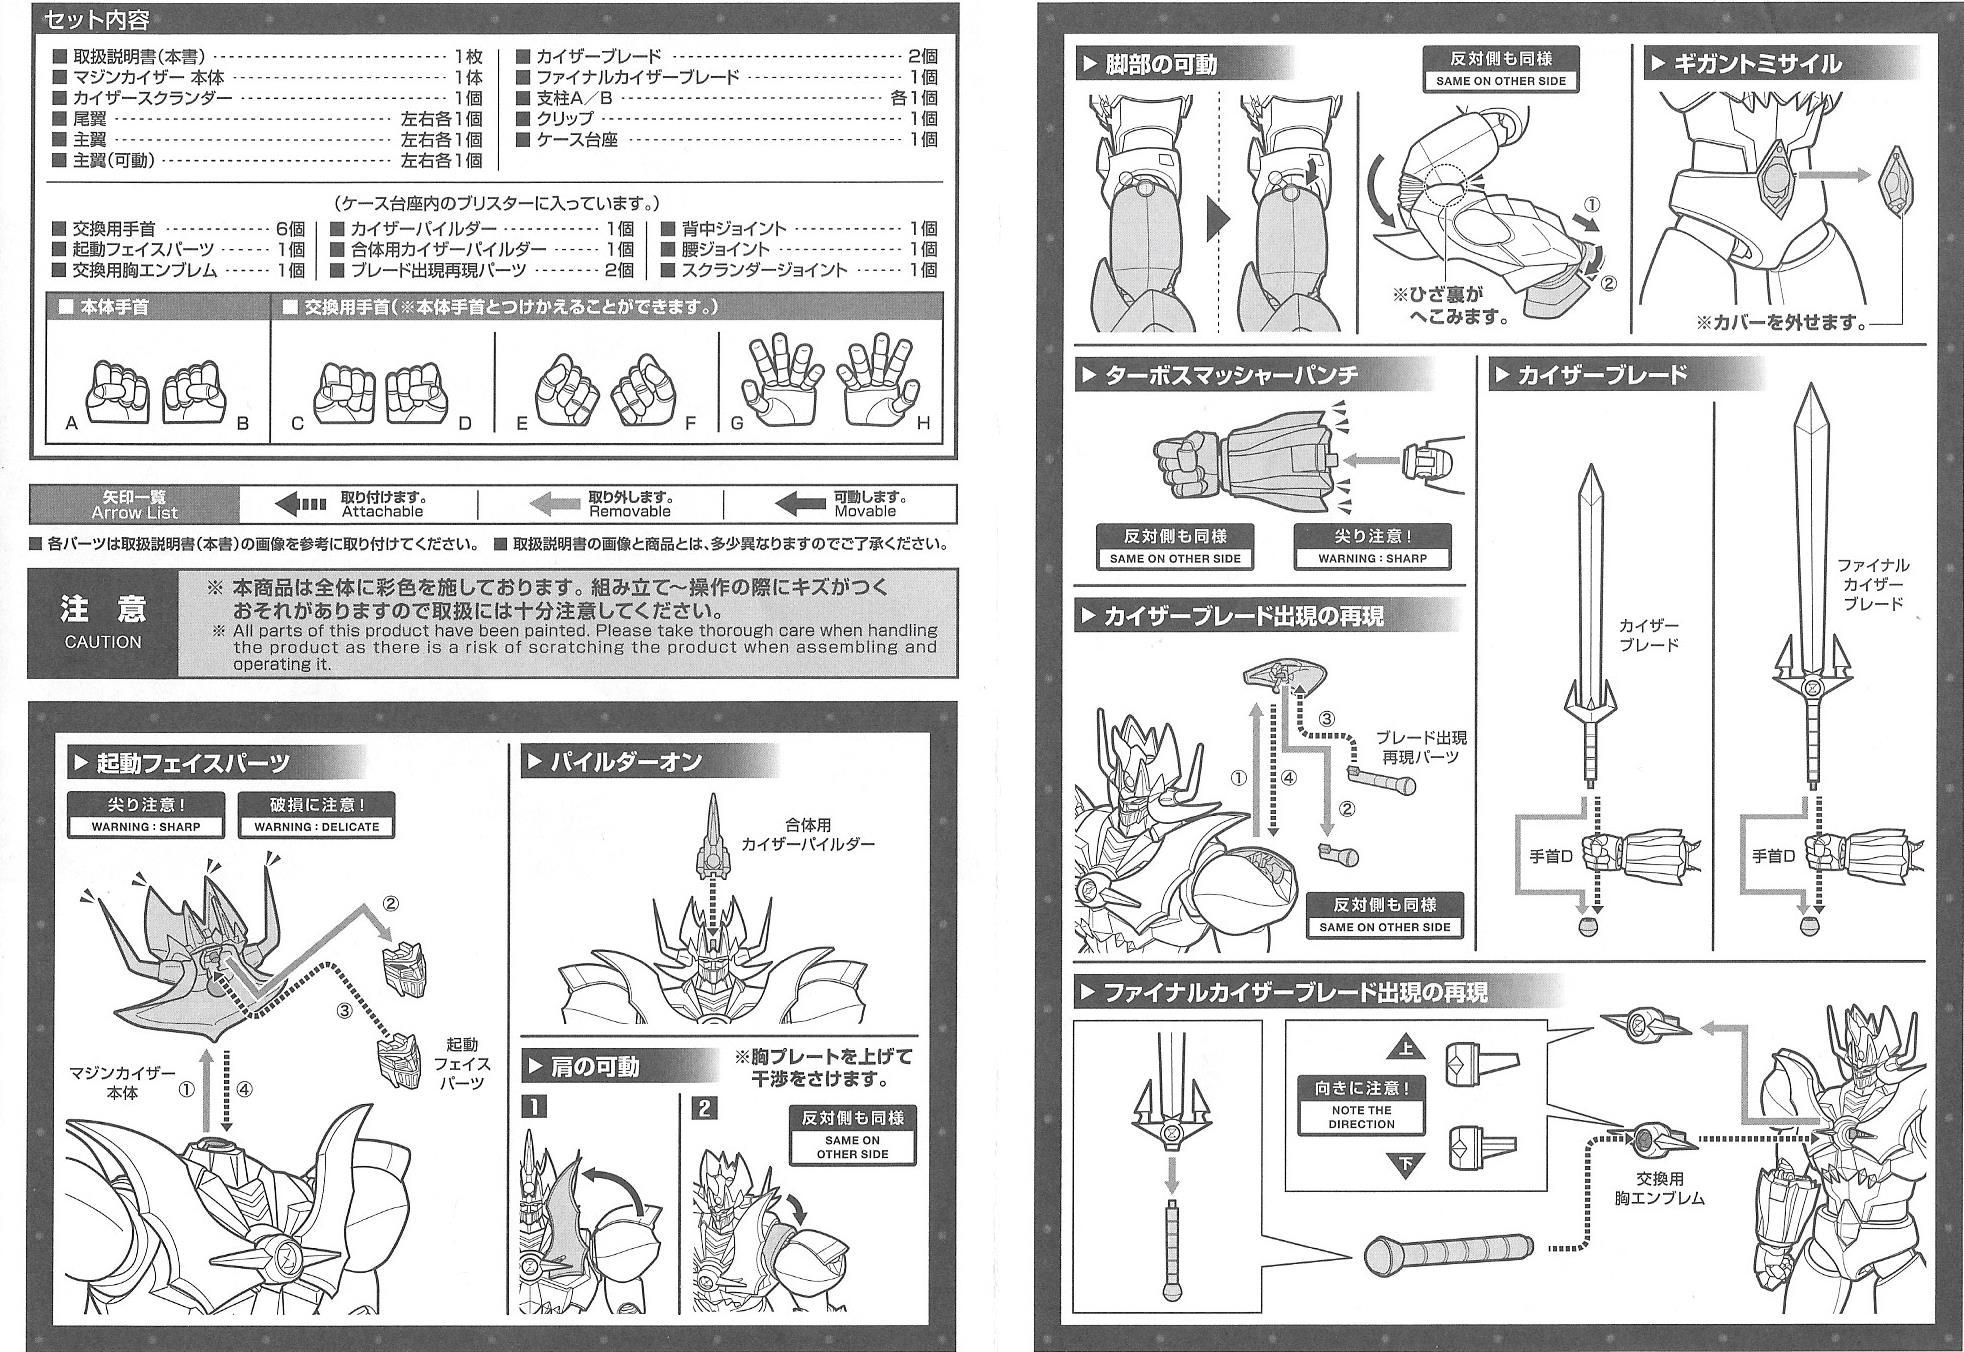 modellino mazinkaiser GX 75 istruzioni